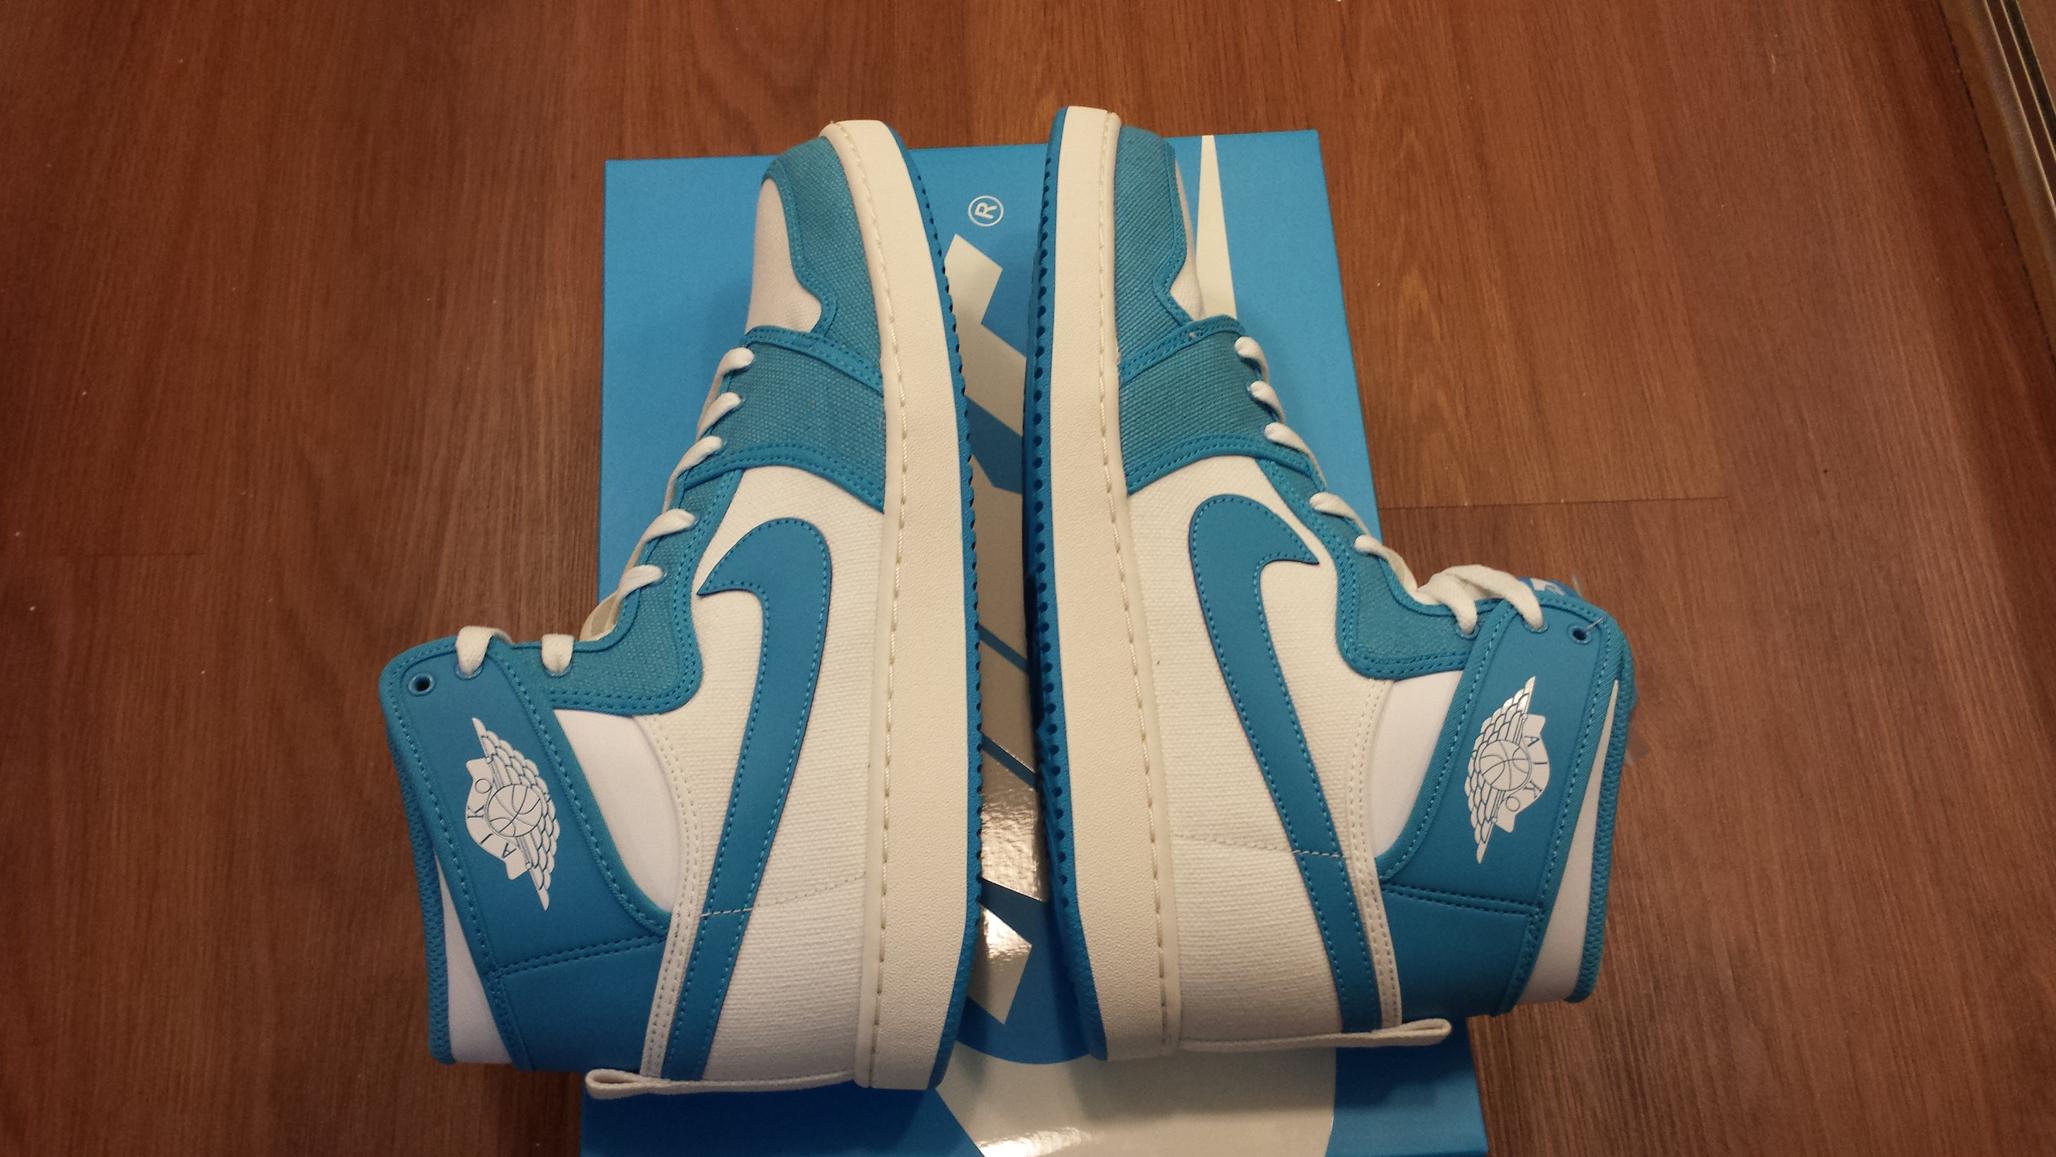 fcd2ed1879b ... Nike Air Jordan 1 AJKO UNC (from Rivalry Pack;size 11) - Thumbnail